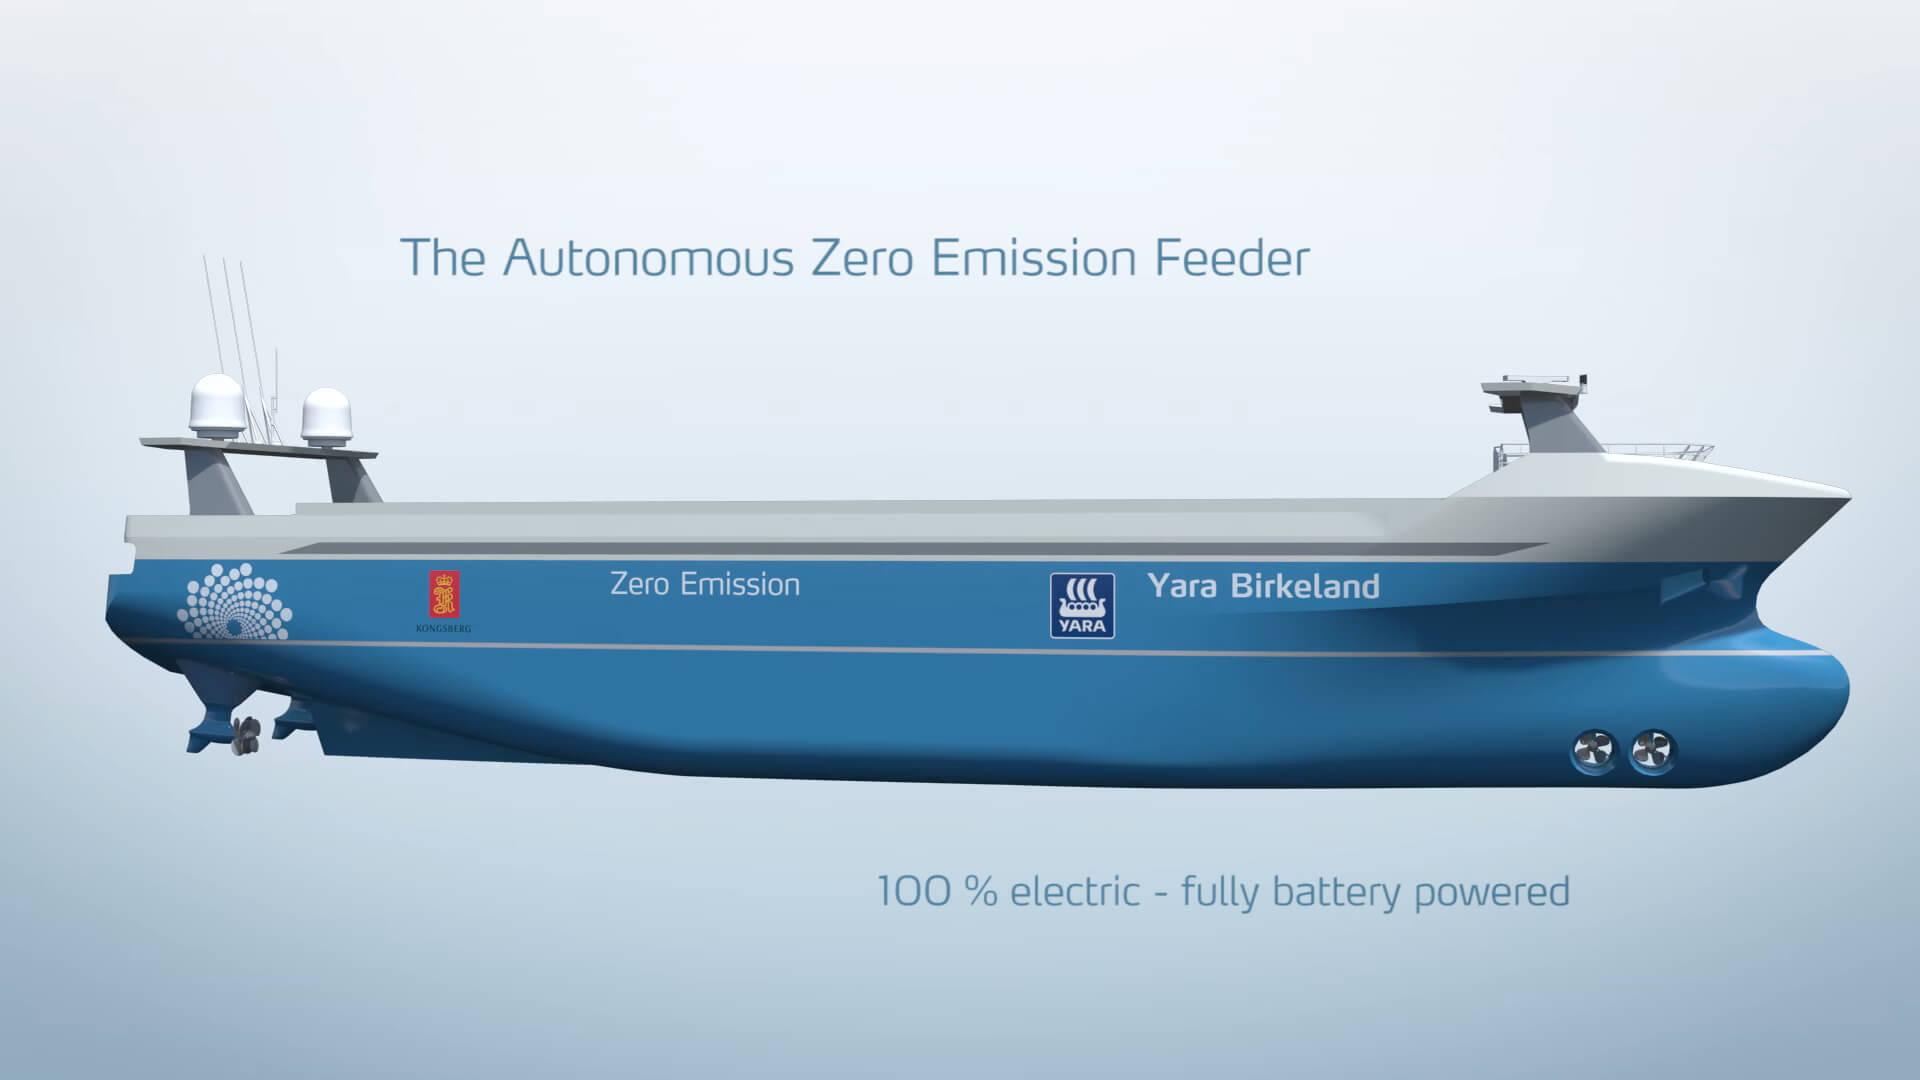 Электрический автономный корабль Yara Birkeland